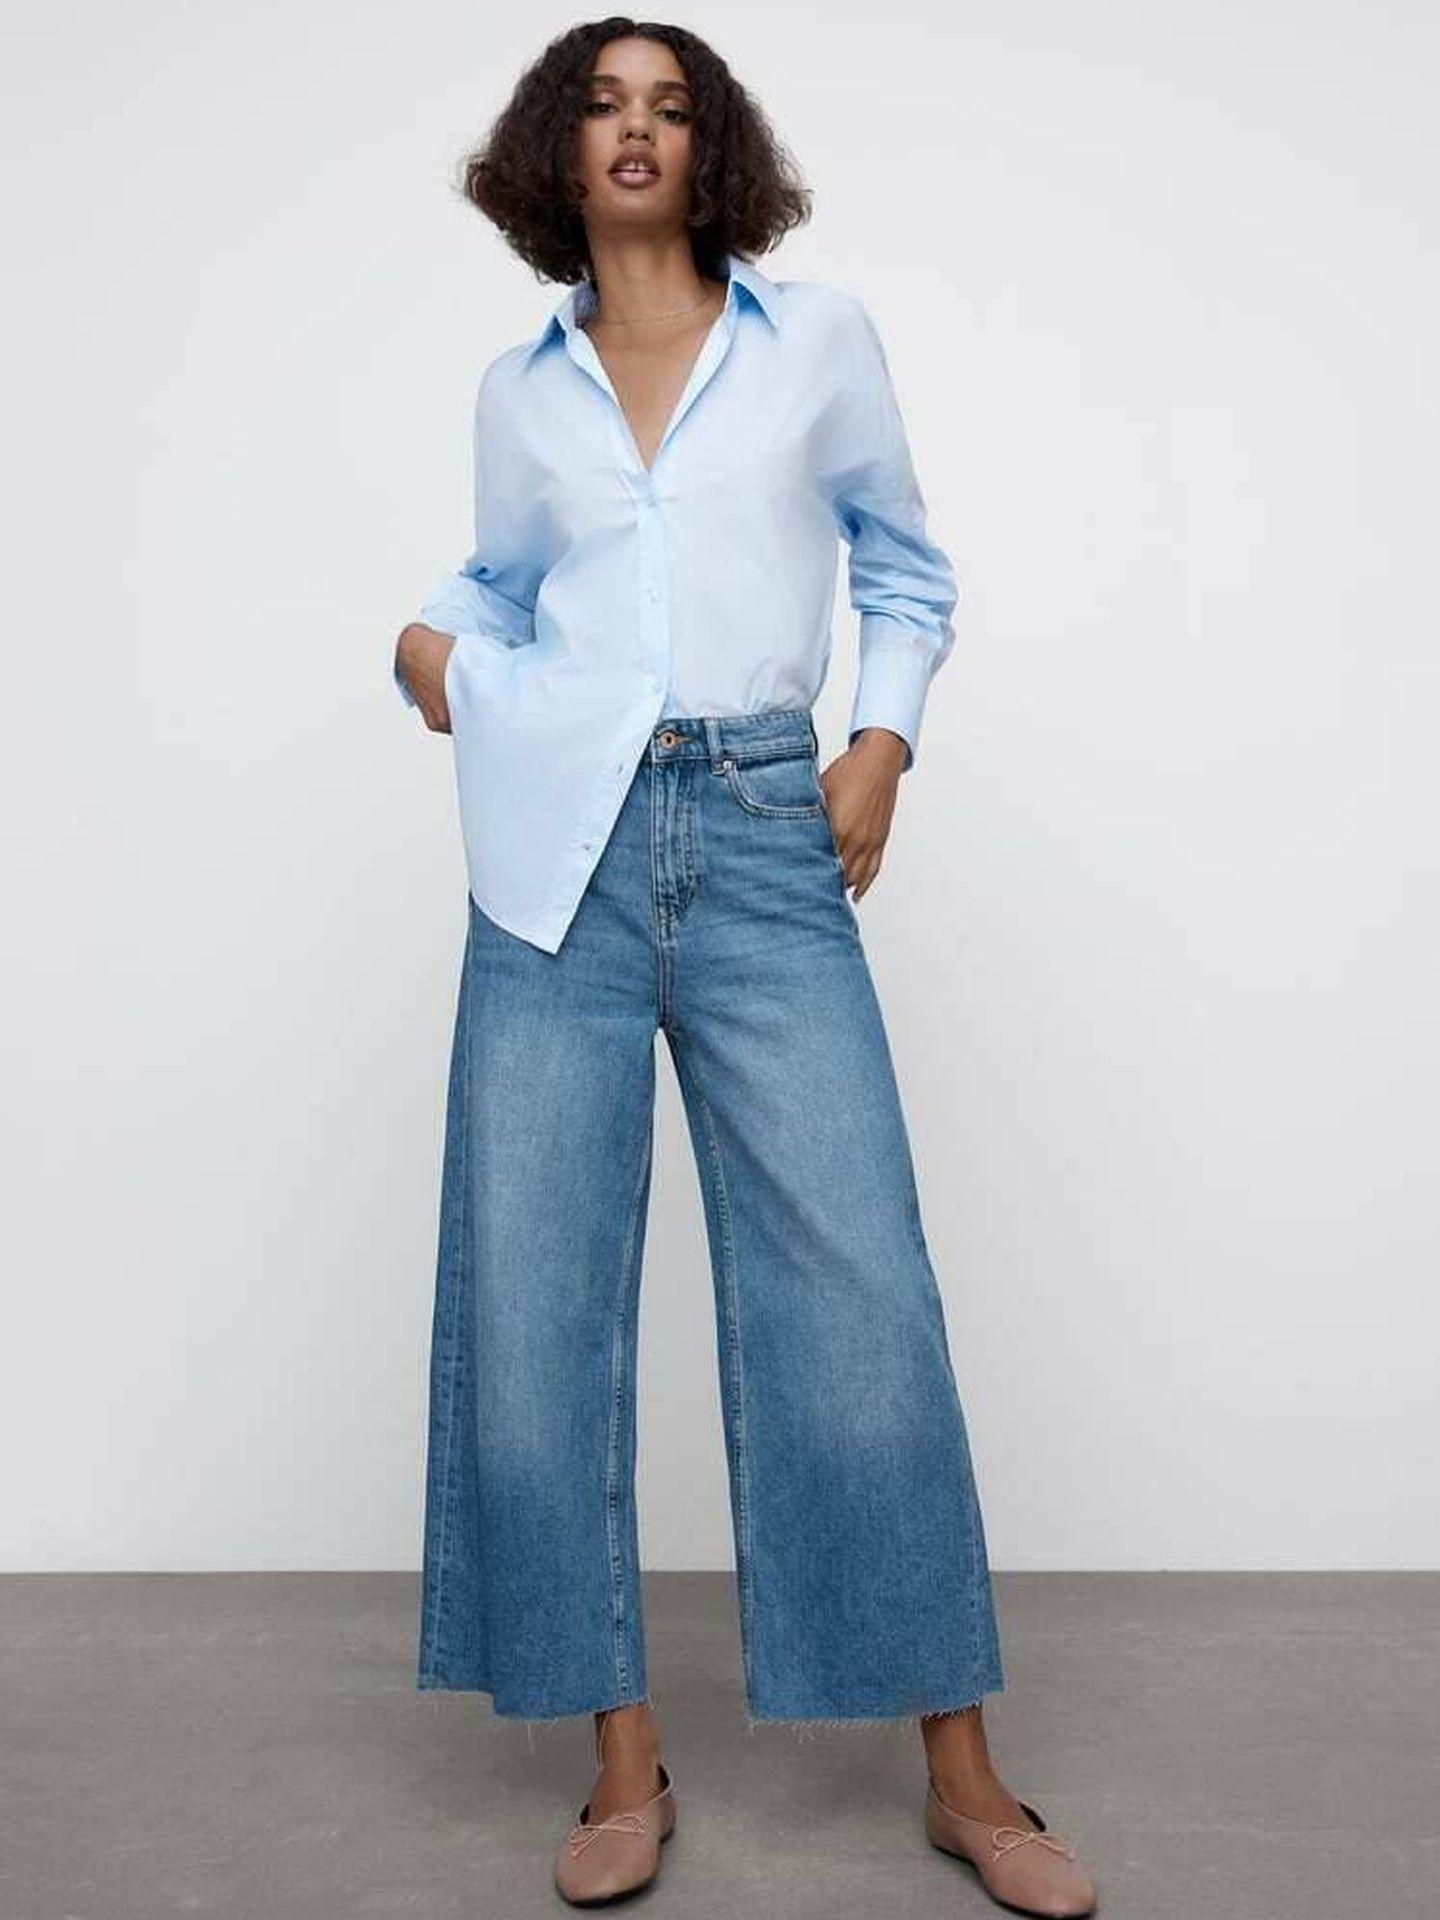 El pantalón vaquero de Zara. (Cortesía)